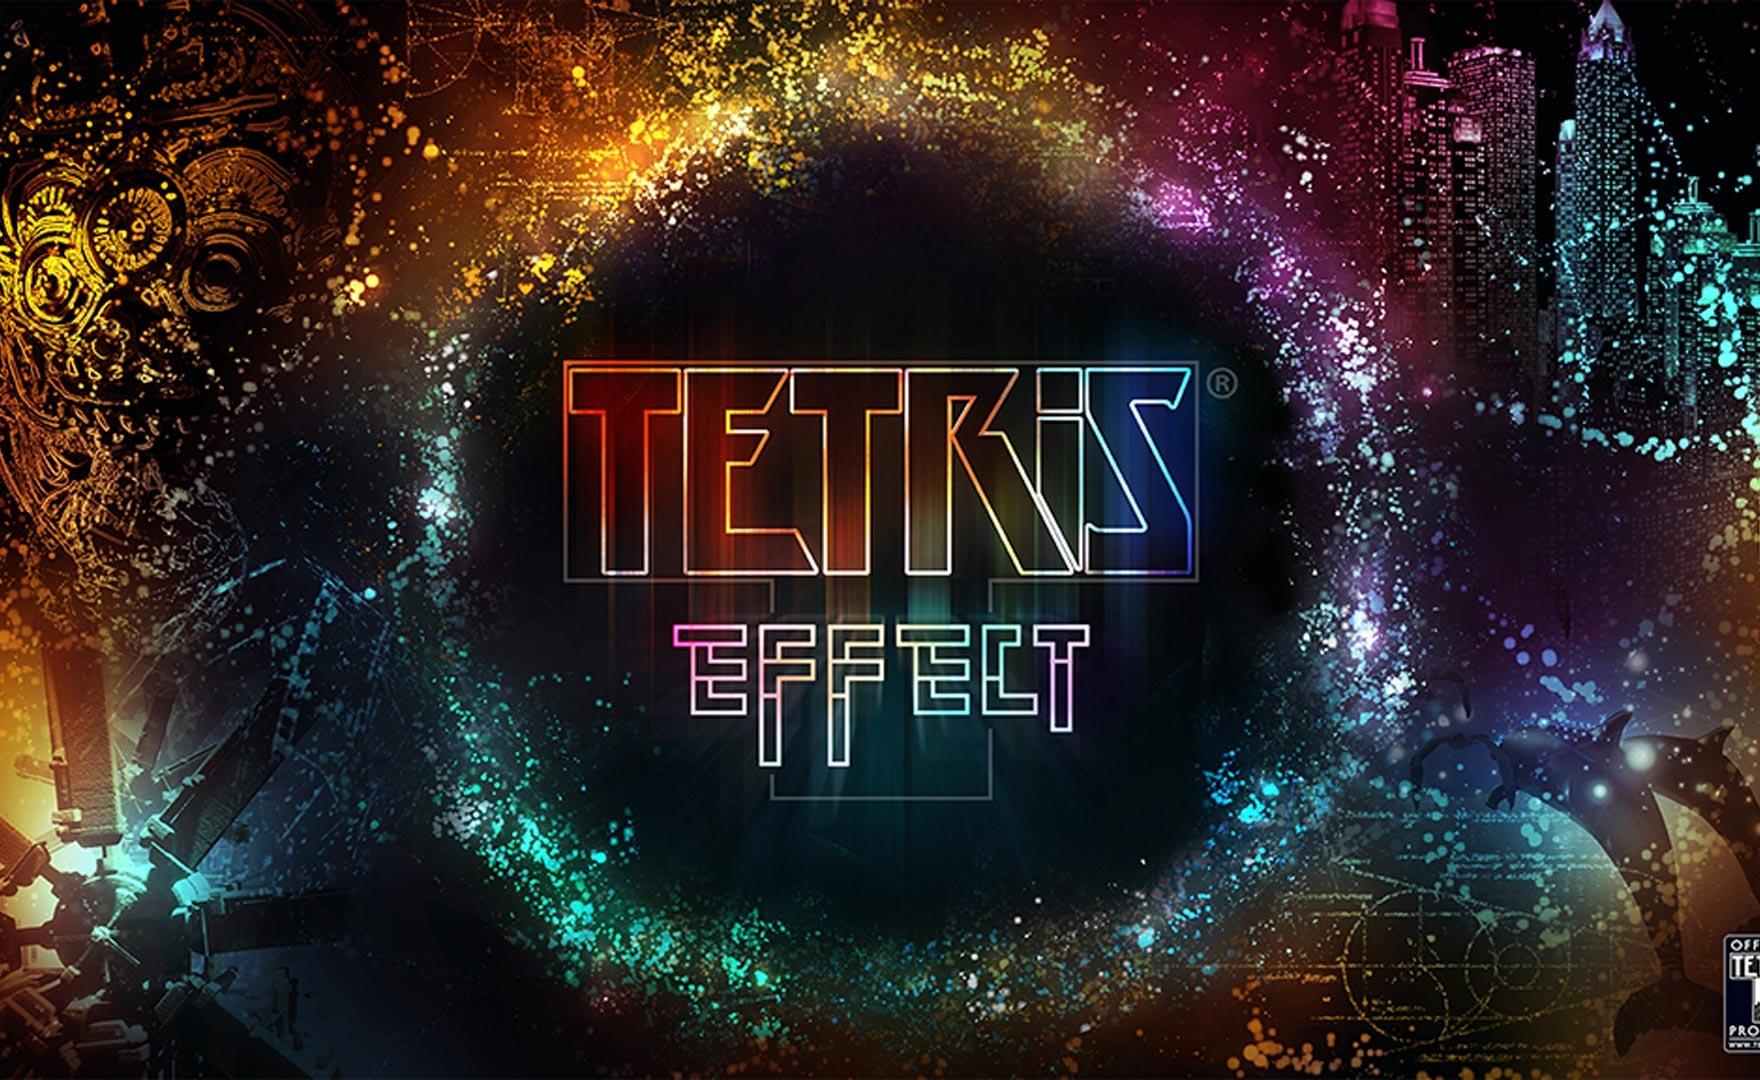 Tetris Effect: la versione PC è esclusiva Epic Games Store, ma serve Steam per giocare